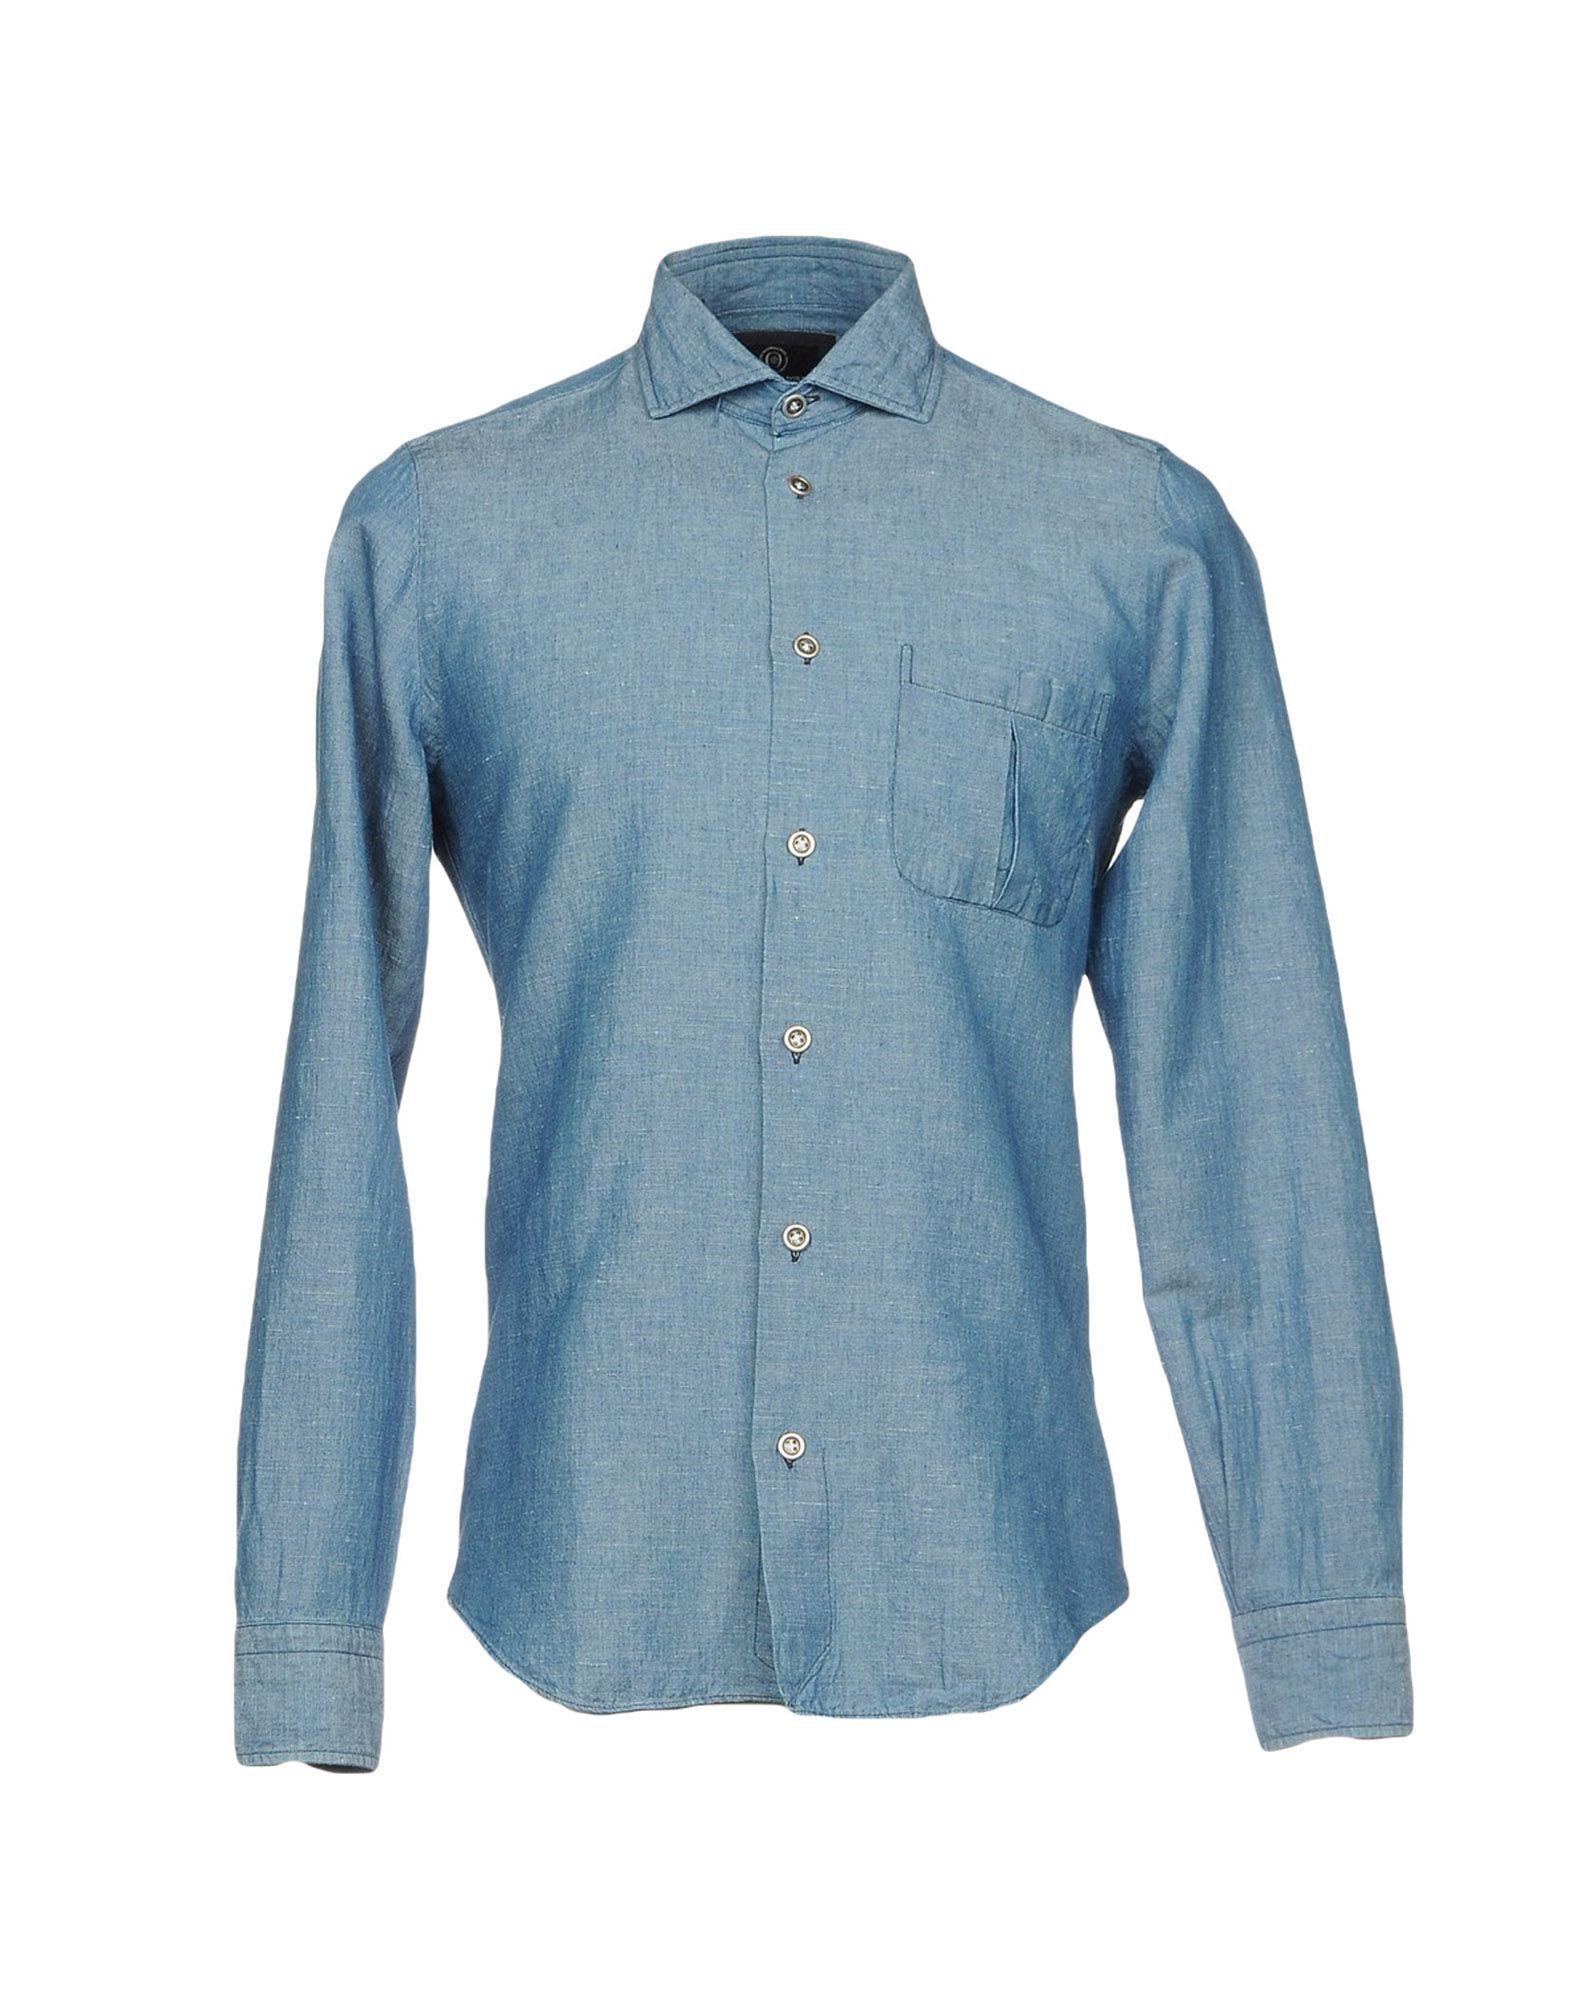 Фото - MASSIMO LA PORTA Джинсовая рубашка massimo la porta джинсовая рубашка